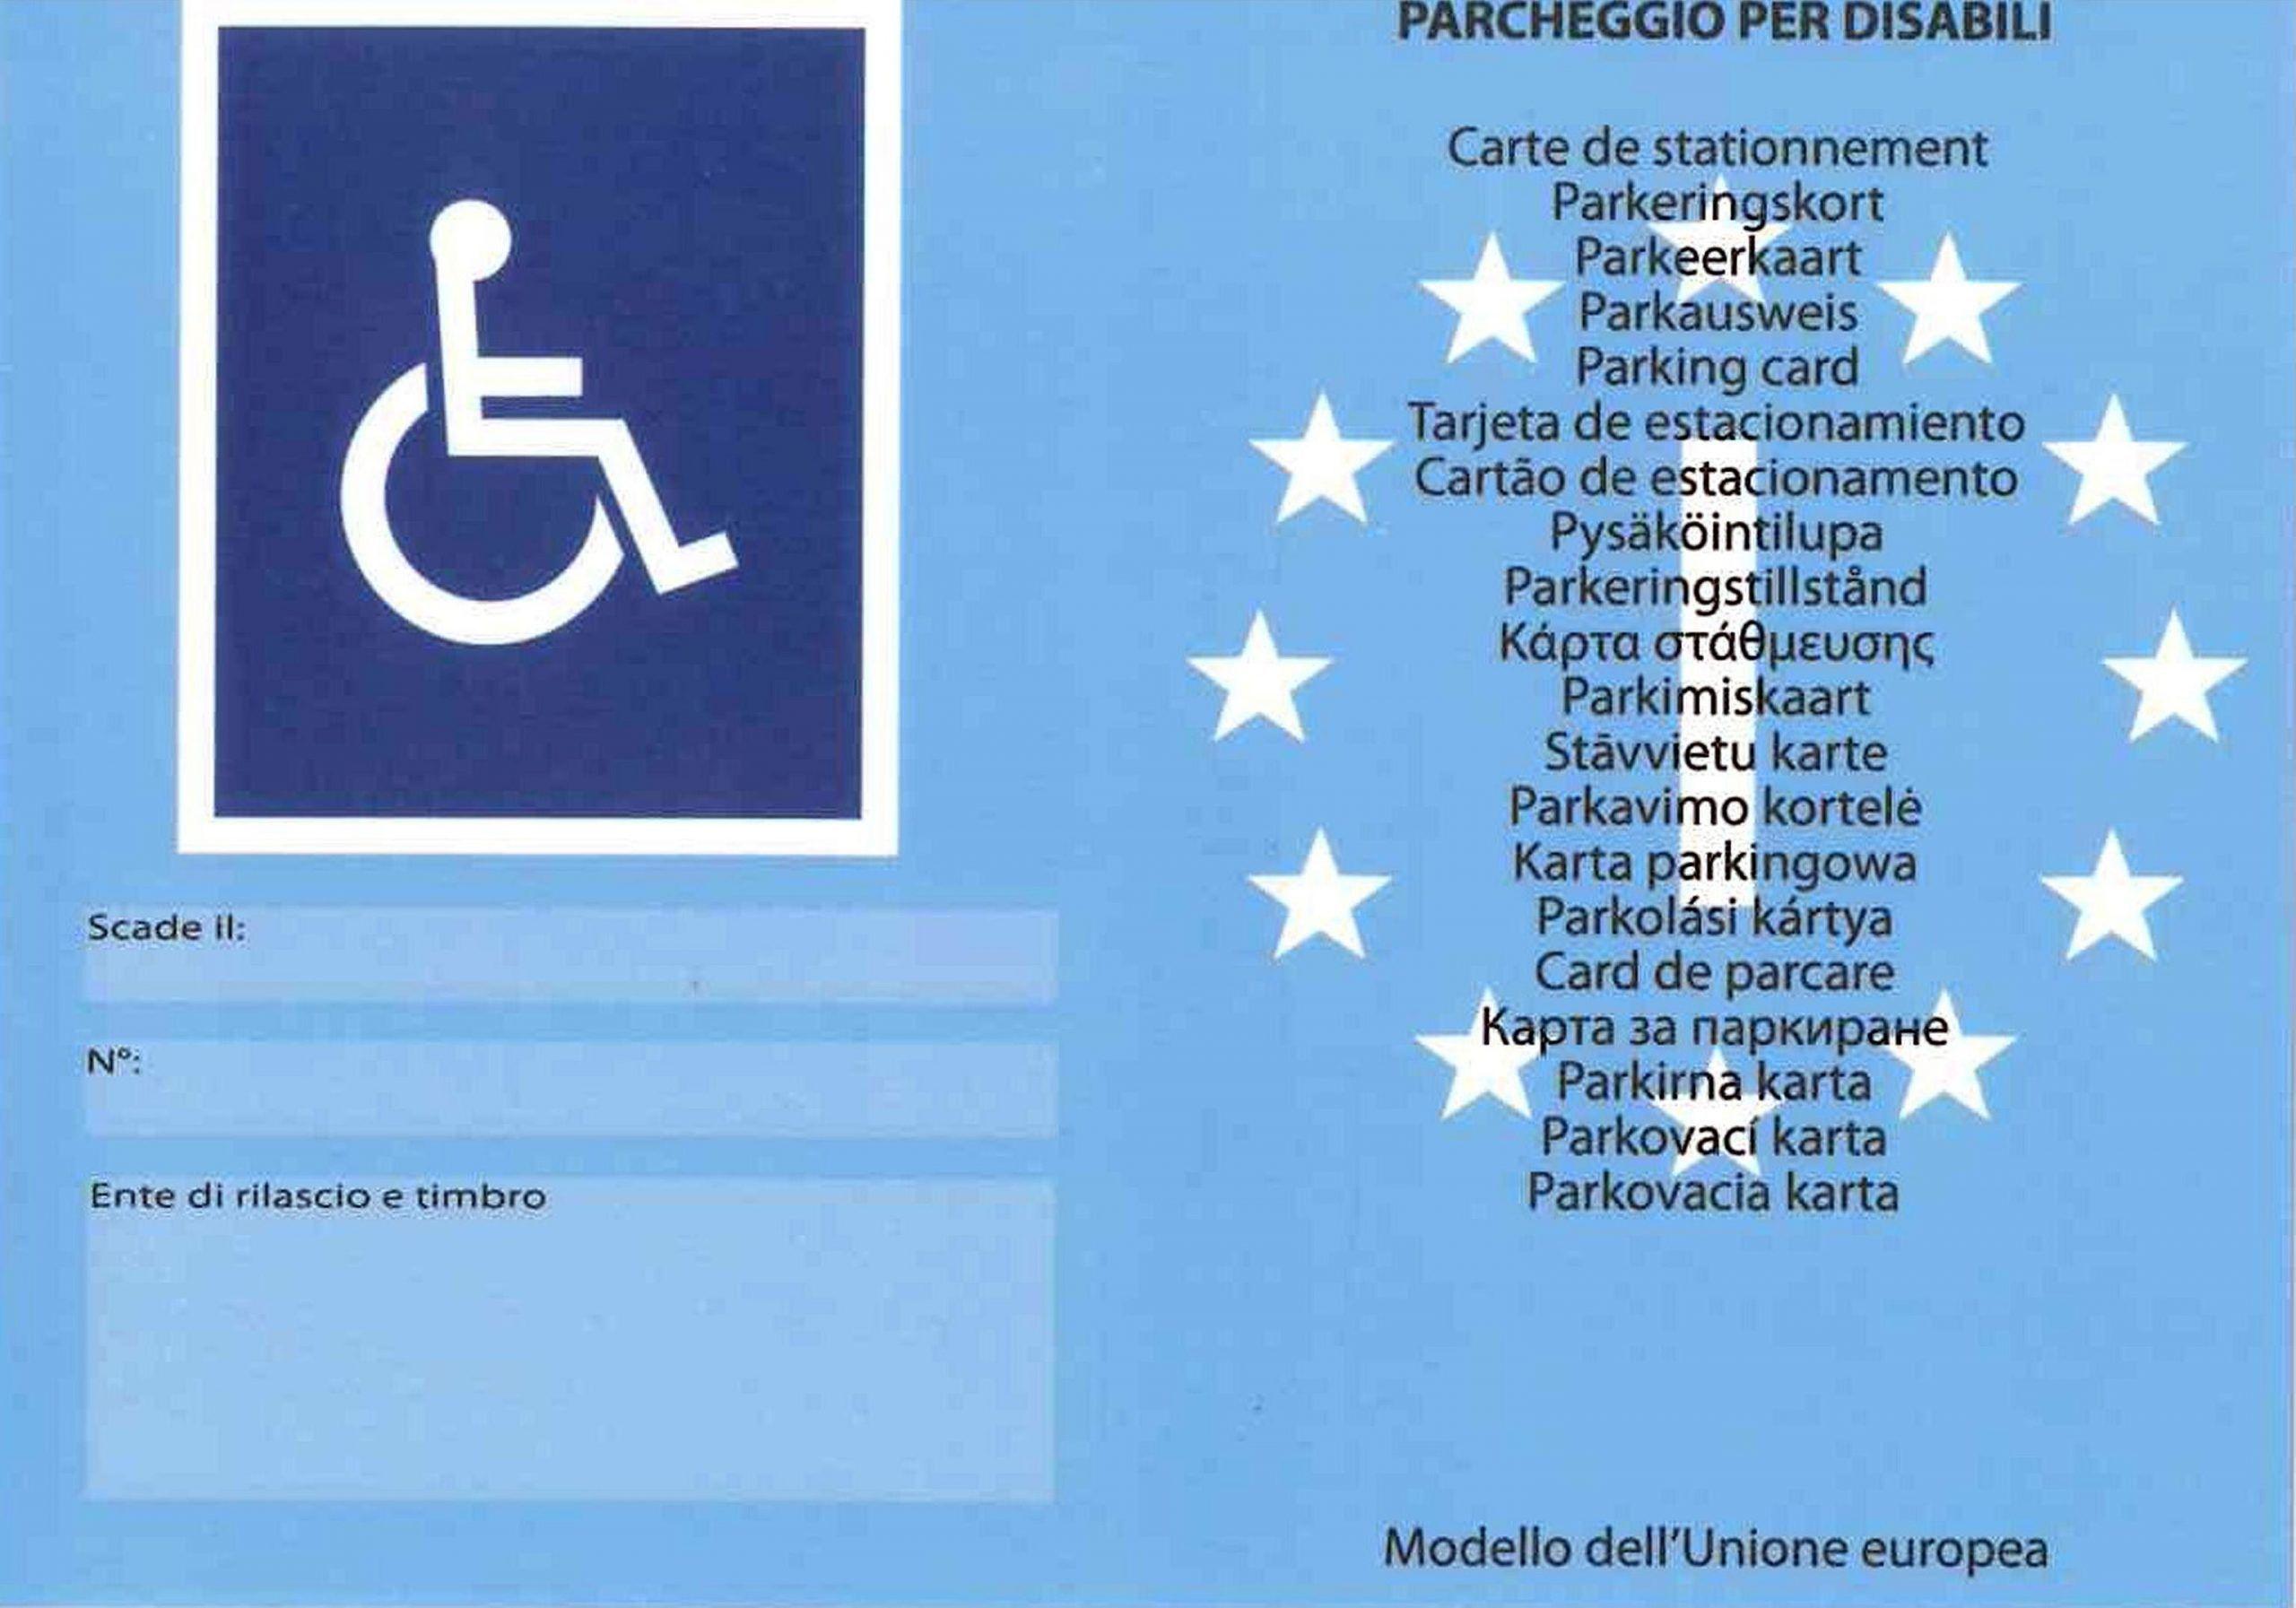 Legge 104, quando si può chiedere il contrassegno disabili auto